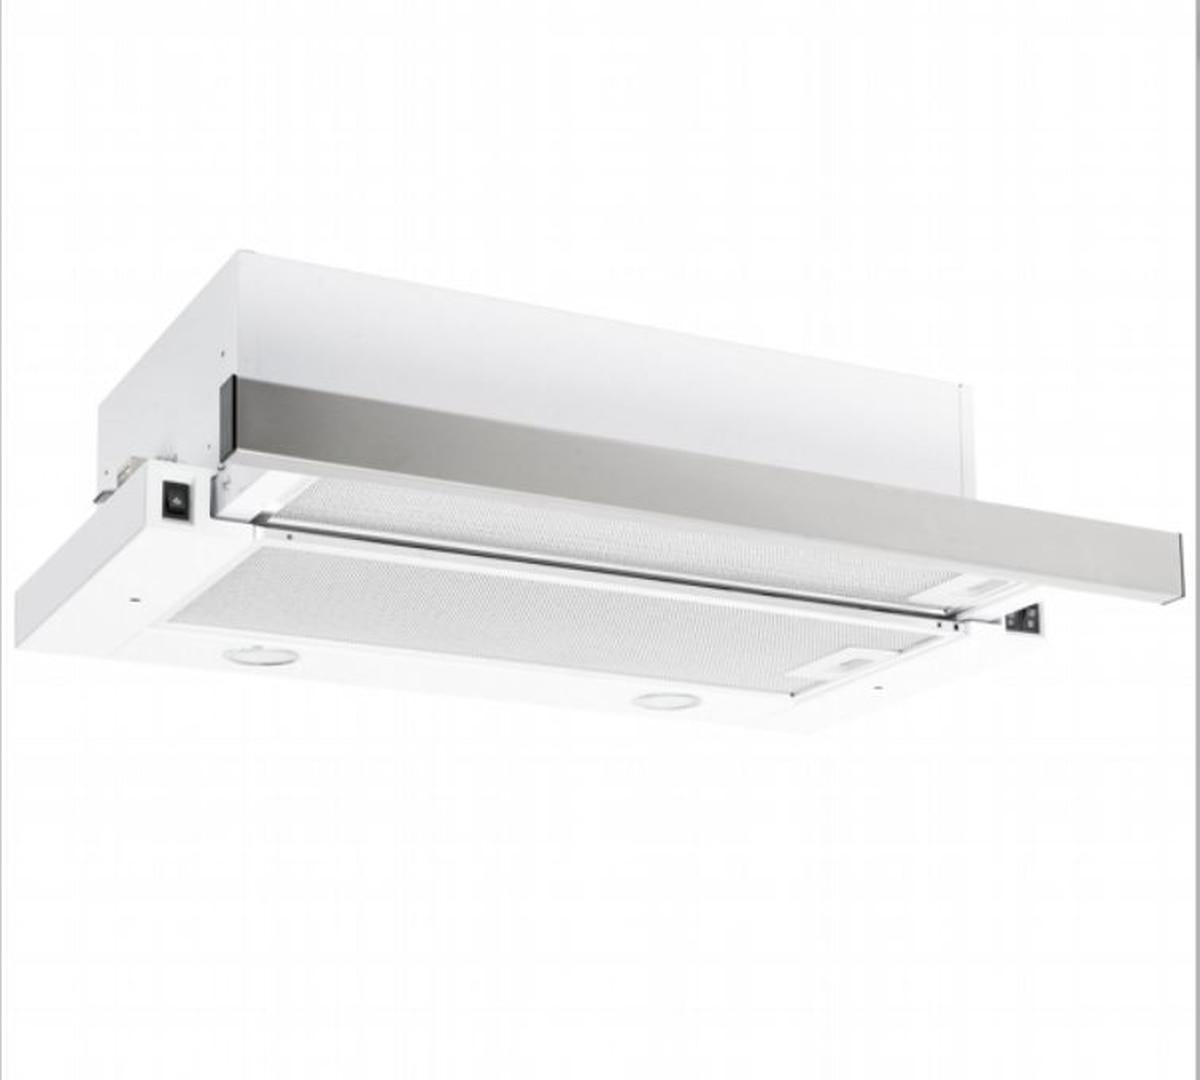 Silverline ventilator hvit stål og sort frontSM1110 PLATIN